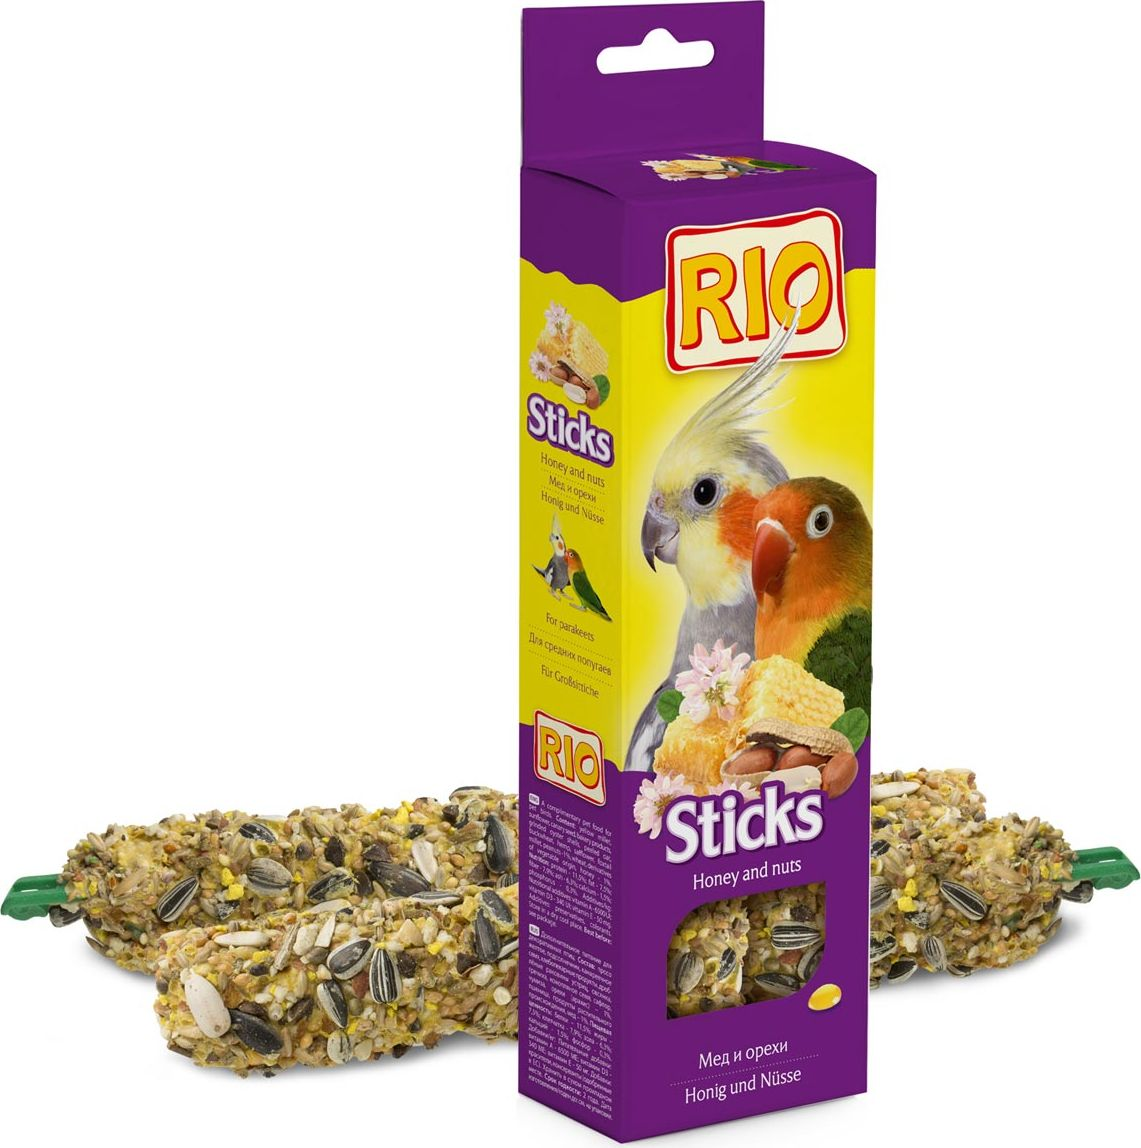 Лакомство для средних попугаев RIO Sticks, с медом и орехами, 2 х 75 г rio rio палочки для средних попугаев с тропическими фруктами 2 шт 75 г